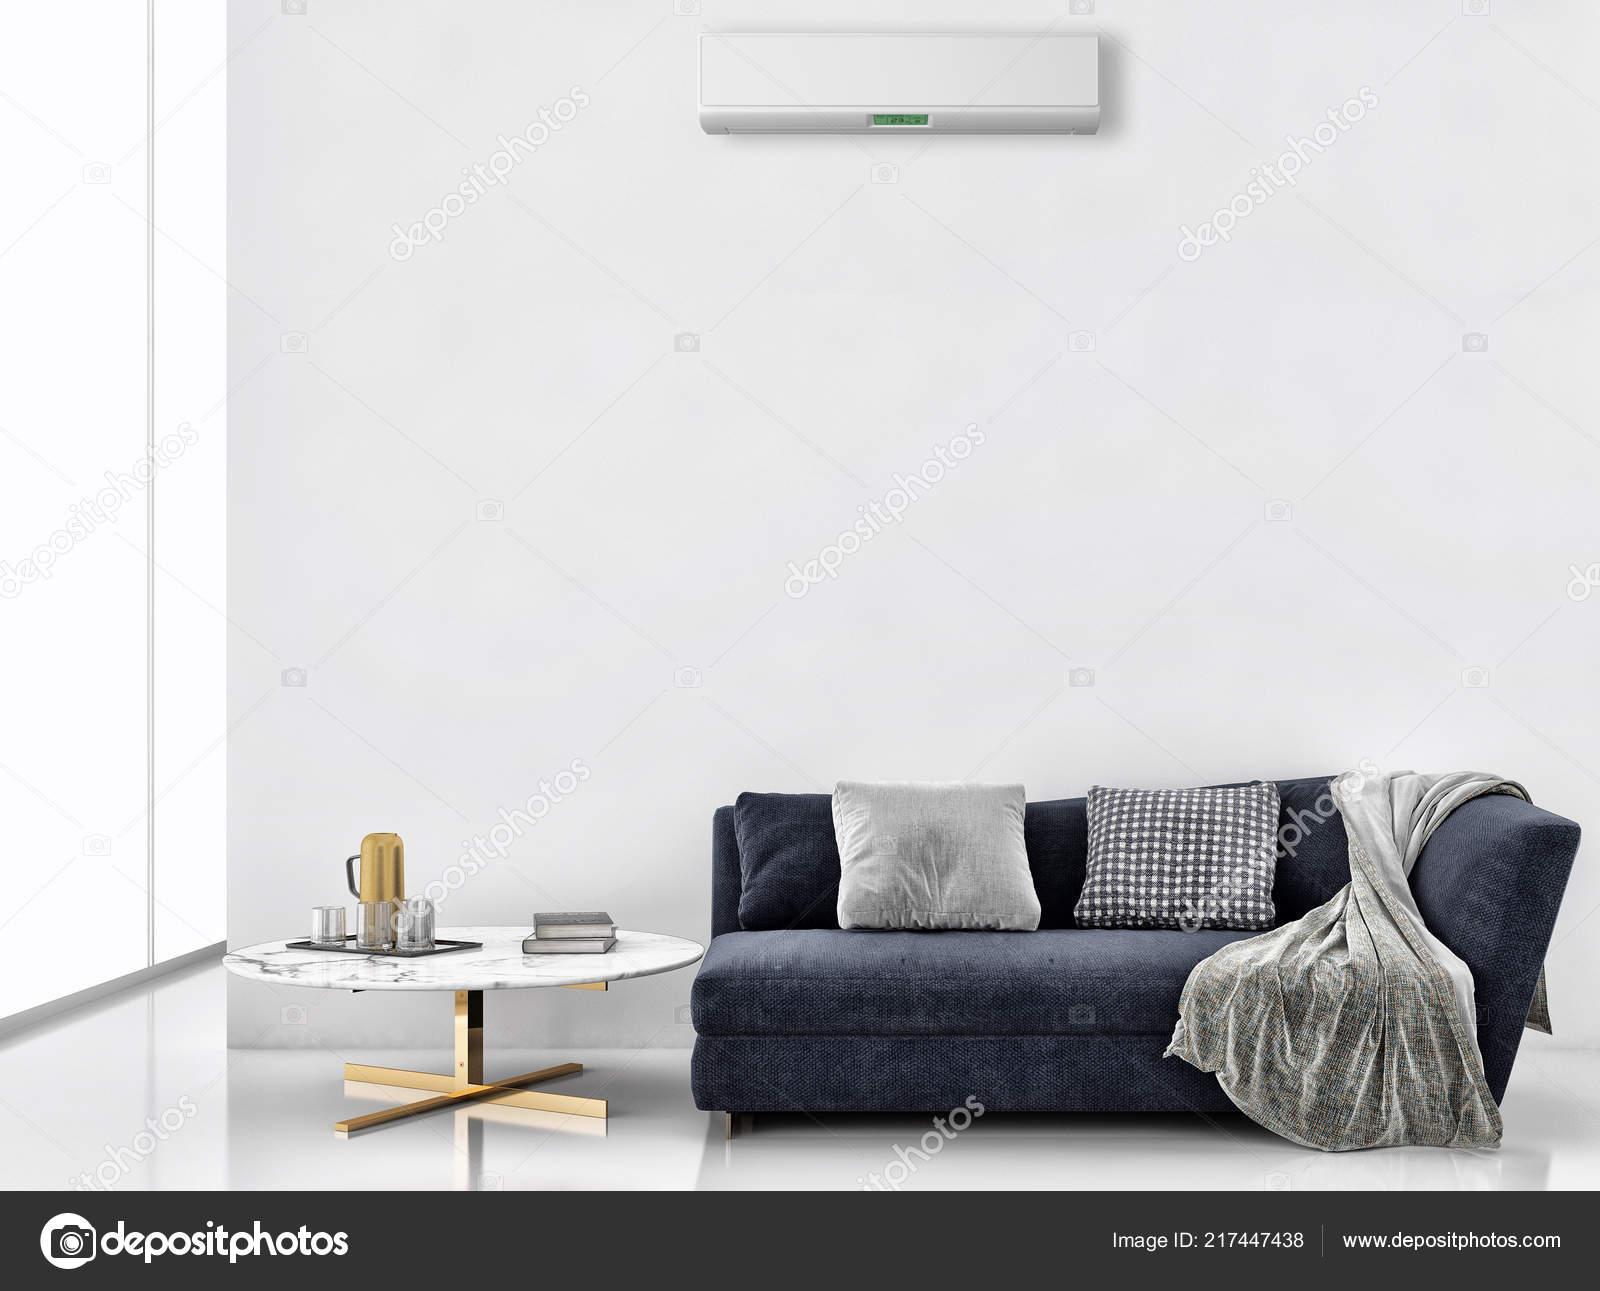 Modern interieur appartement met airconditioning afstandsbediening